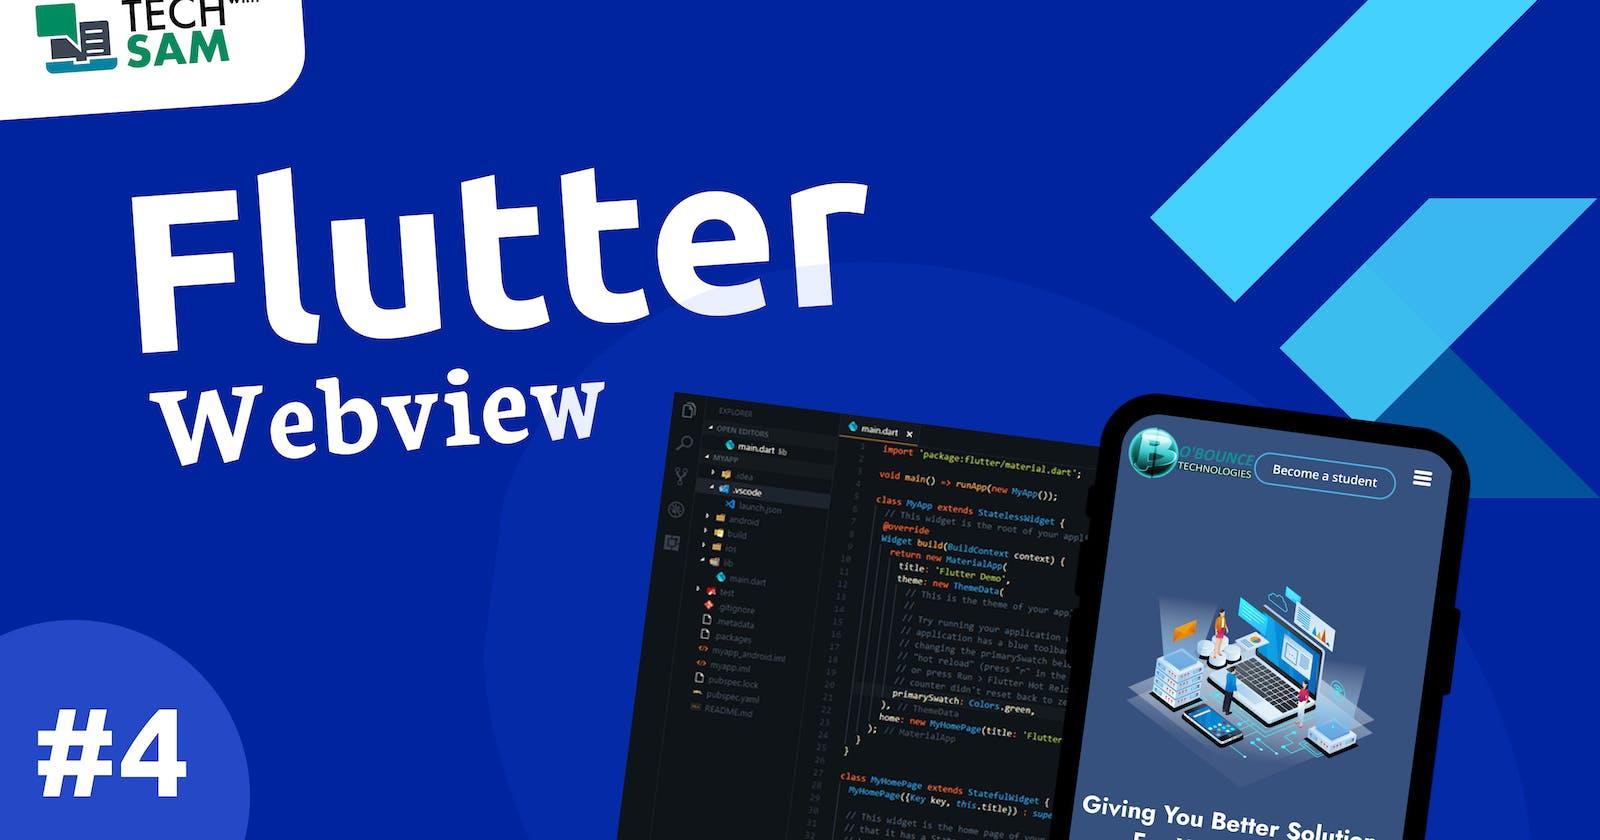 FLUTTER WEBVIEW TUTORIAL #4 - Convert a website to an app using flutter.